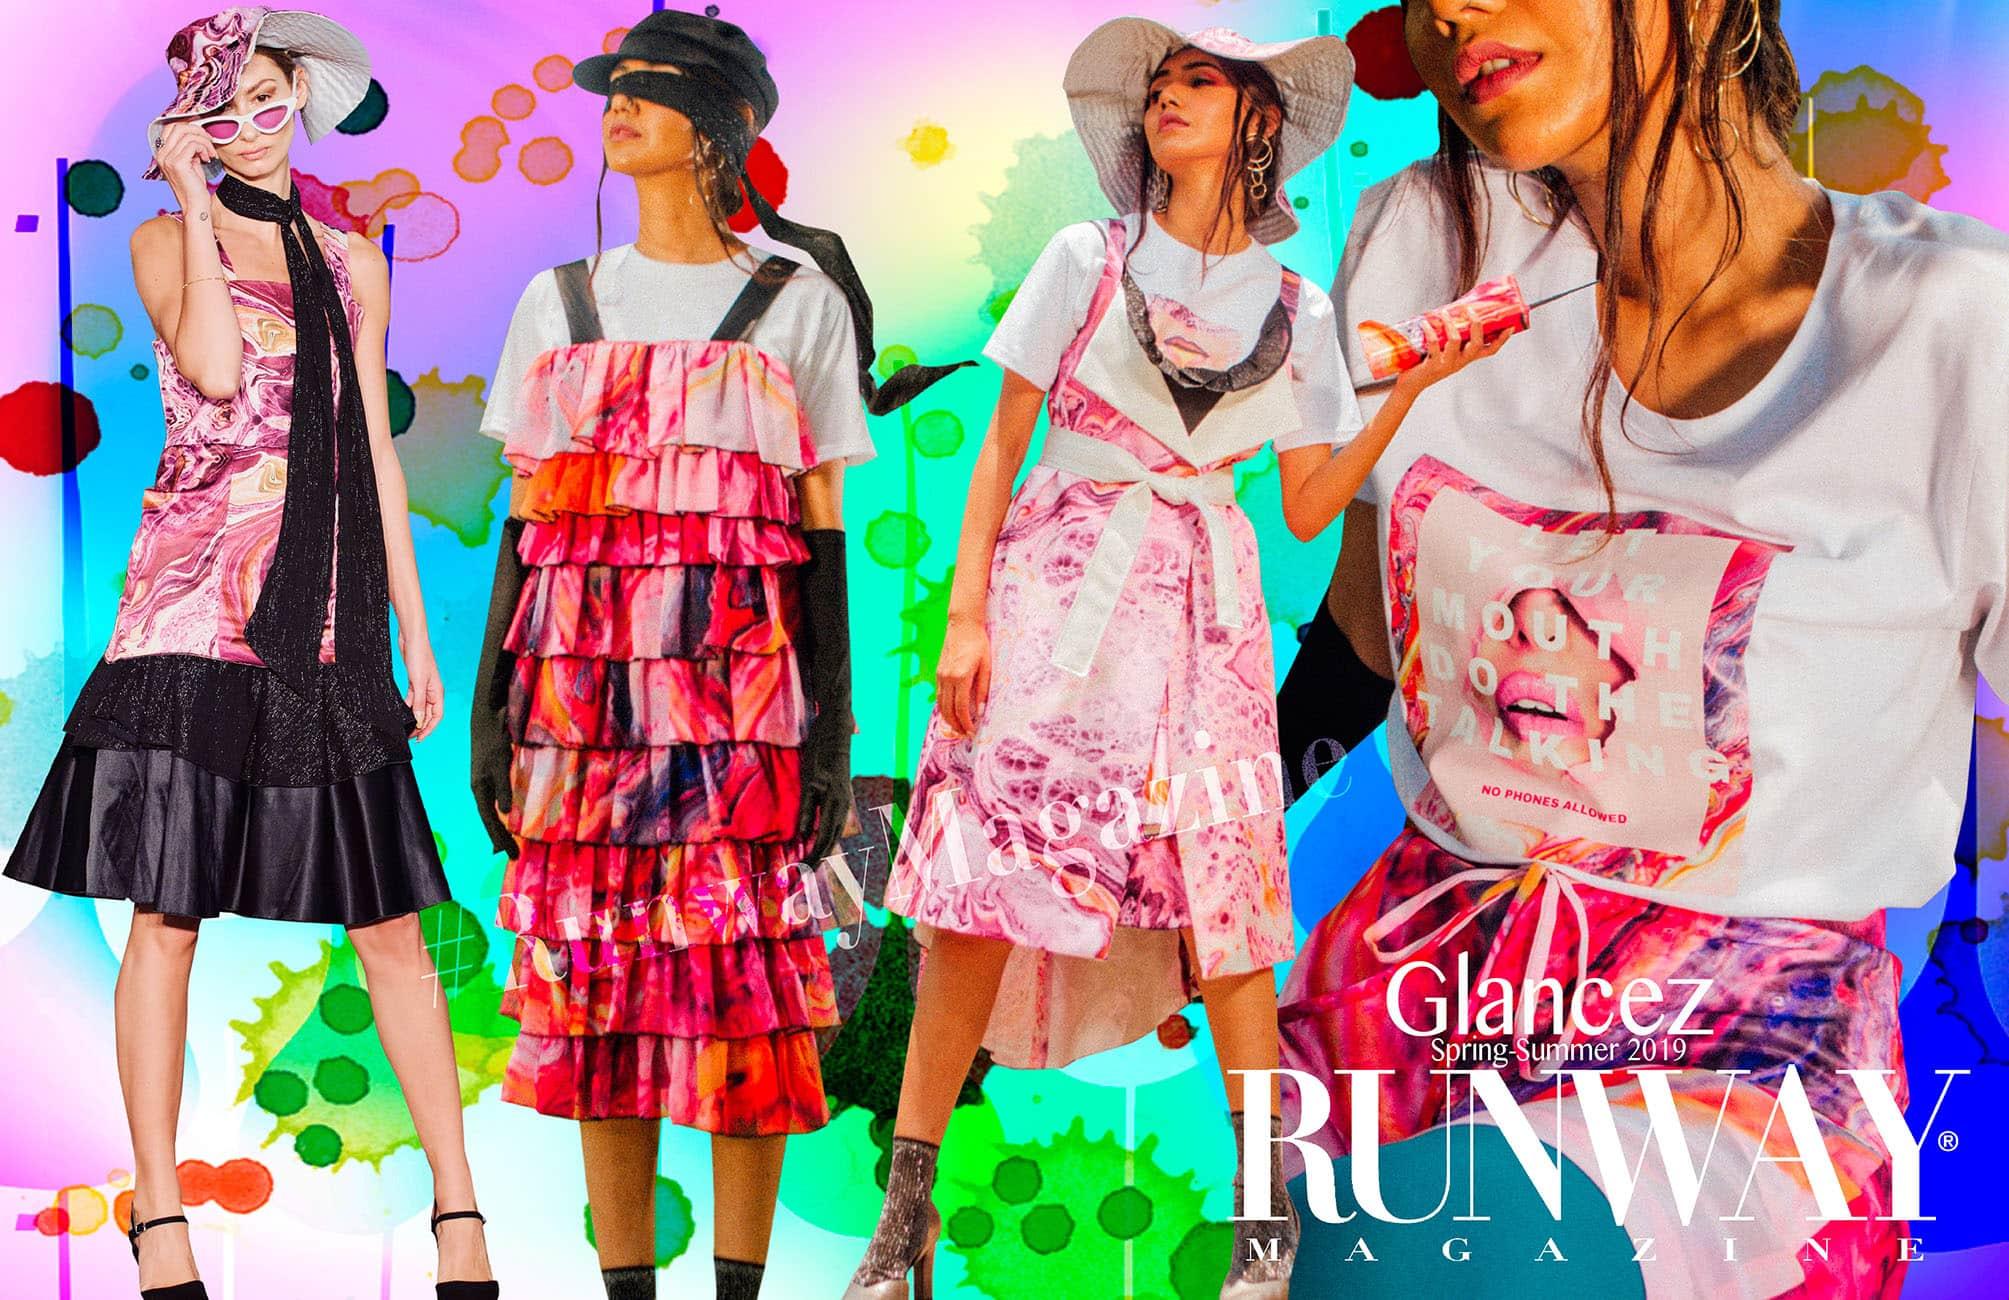 Glancez Zera Ng Hong Kong Spring Summer 2019 by Runway Magazine